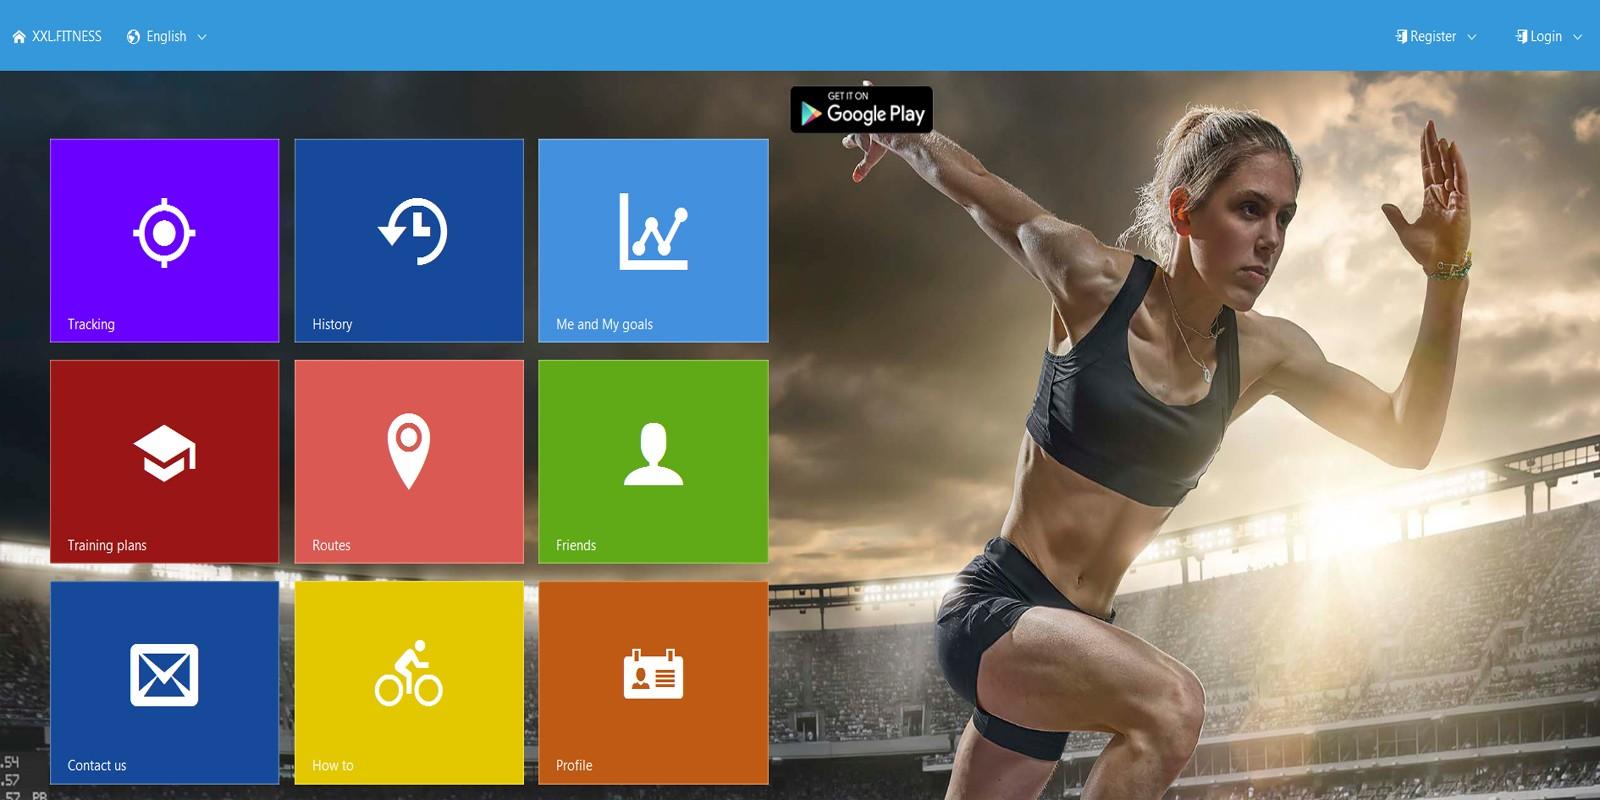 XXL Fitness Tracker - Cordova App Template